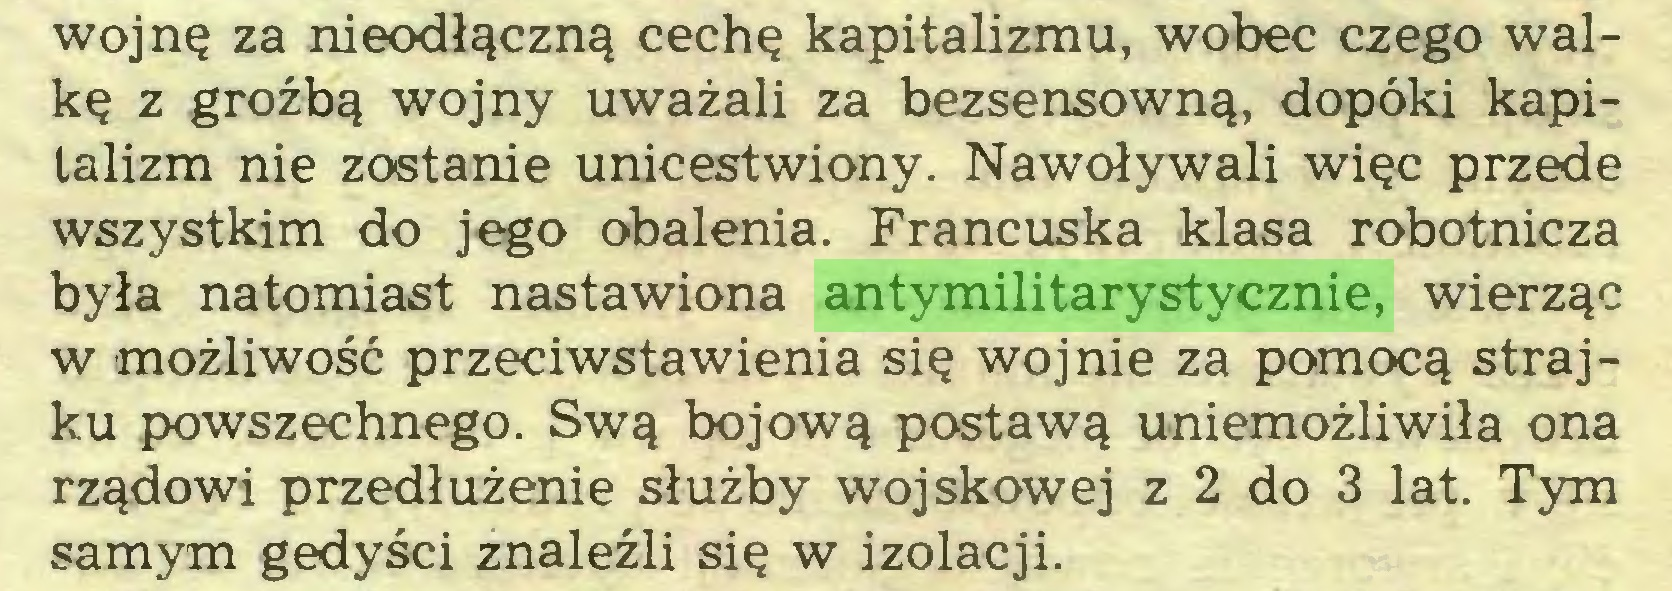 (...) wojnę za nieodłączną cechę kapitalizmu, wobec czego walkę z groźbą wojny uważali za bezsensowną, dopóki kapitalizm nie zostanie unicestwiony. Nawoływali więc przede wszystkim do jego obalenia. Francuska klasa robotnicza była natomiast nastawiona antymilitarystycznie, wierząc w możliwość przeciwstawienia się wojnie za pomocą strajku powszechnego. Swą bojową postawą uniemożliwiła ona rządowi przedłużenie służby wojskowej z 2 do 3 lat. Tym samym gedyści znaleźli się w izolacji...